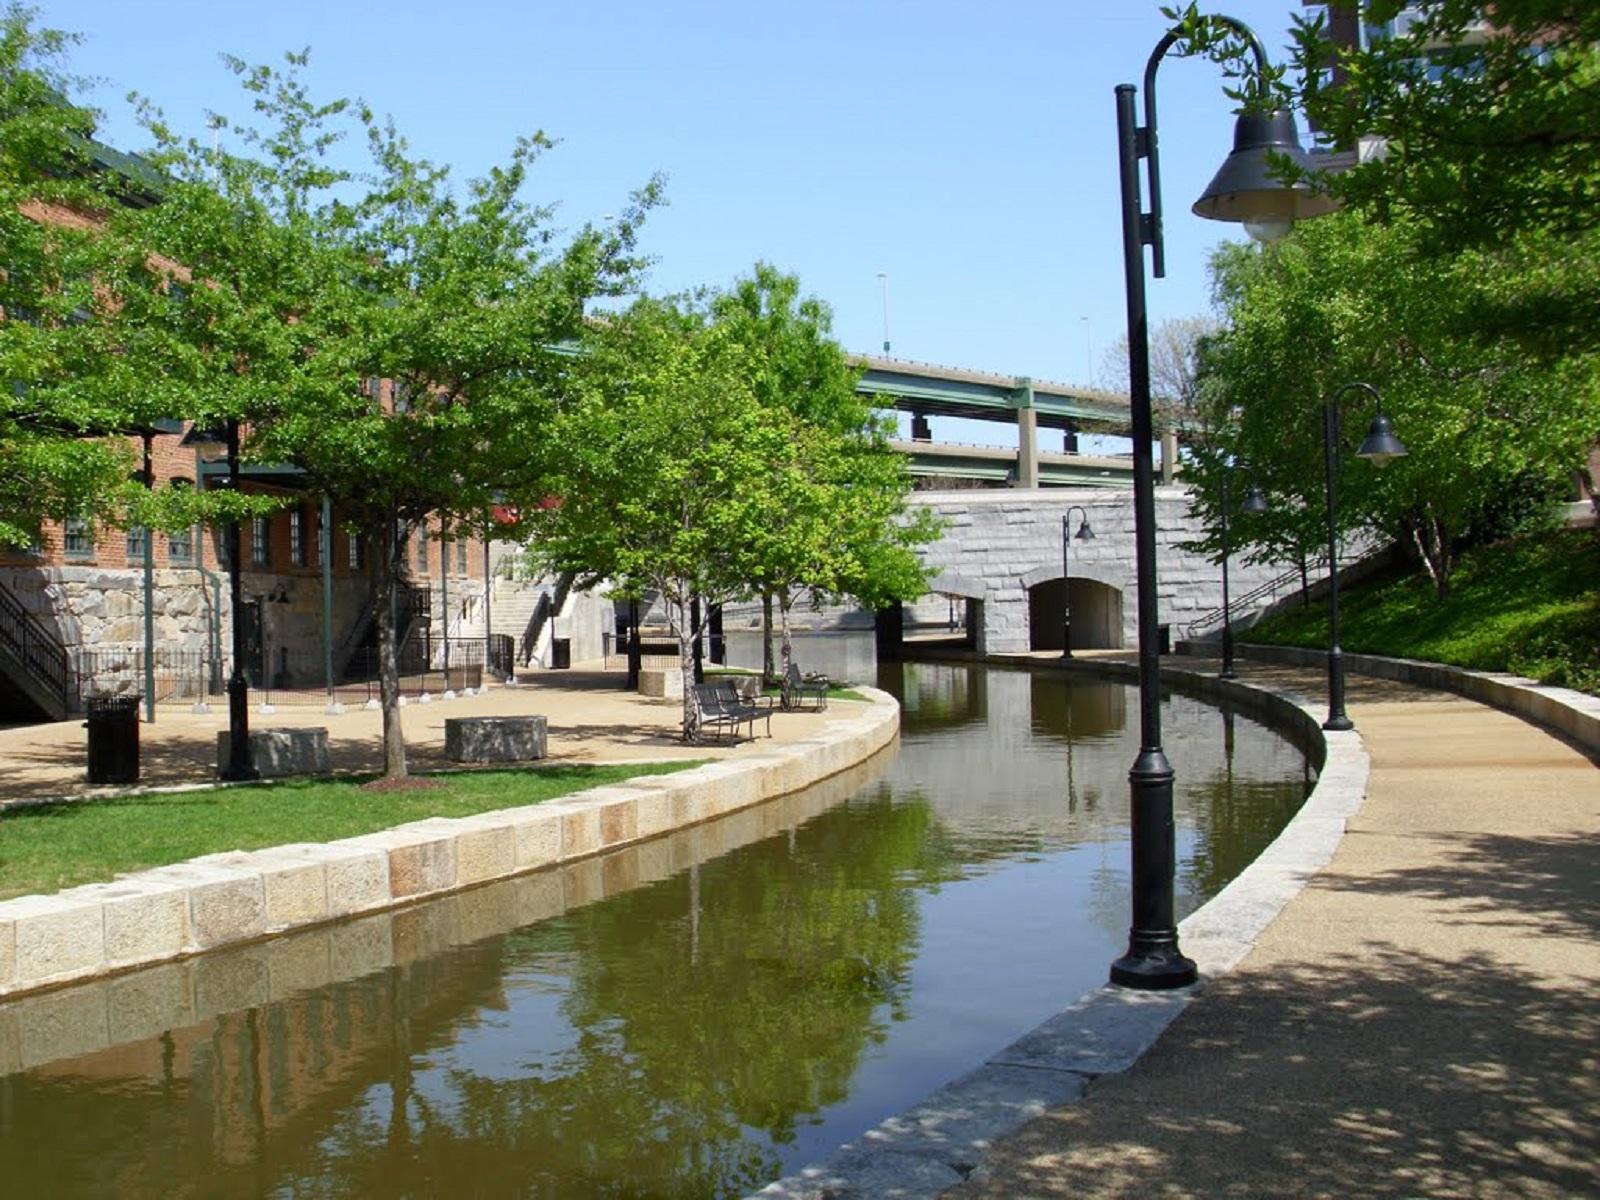 Canal Walk, c/o  Virginia.org